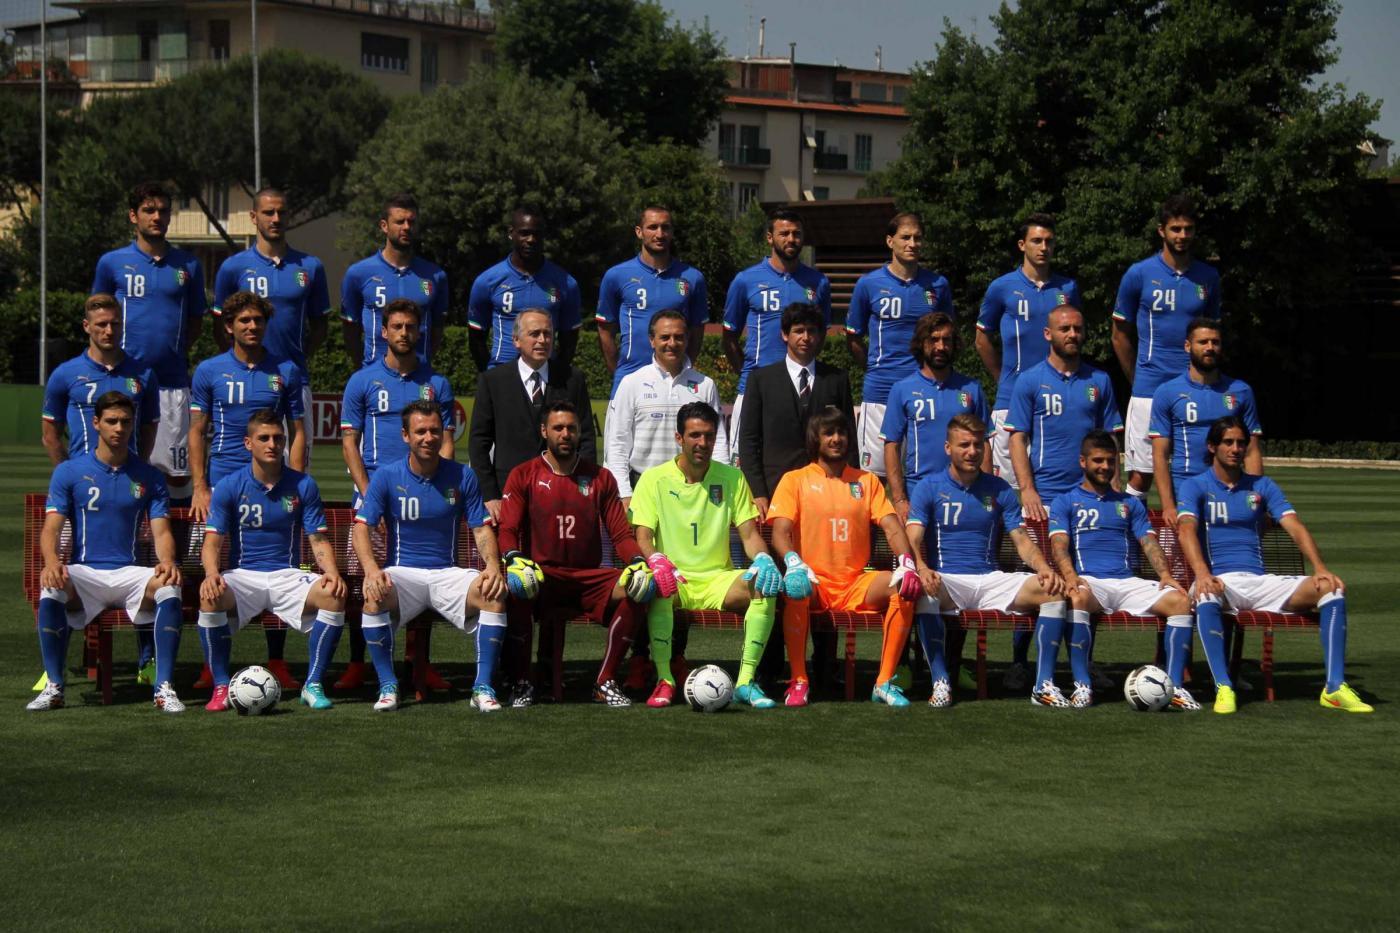 Italia ai Mondiali 2014 foto di squadra